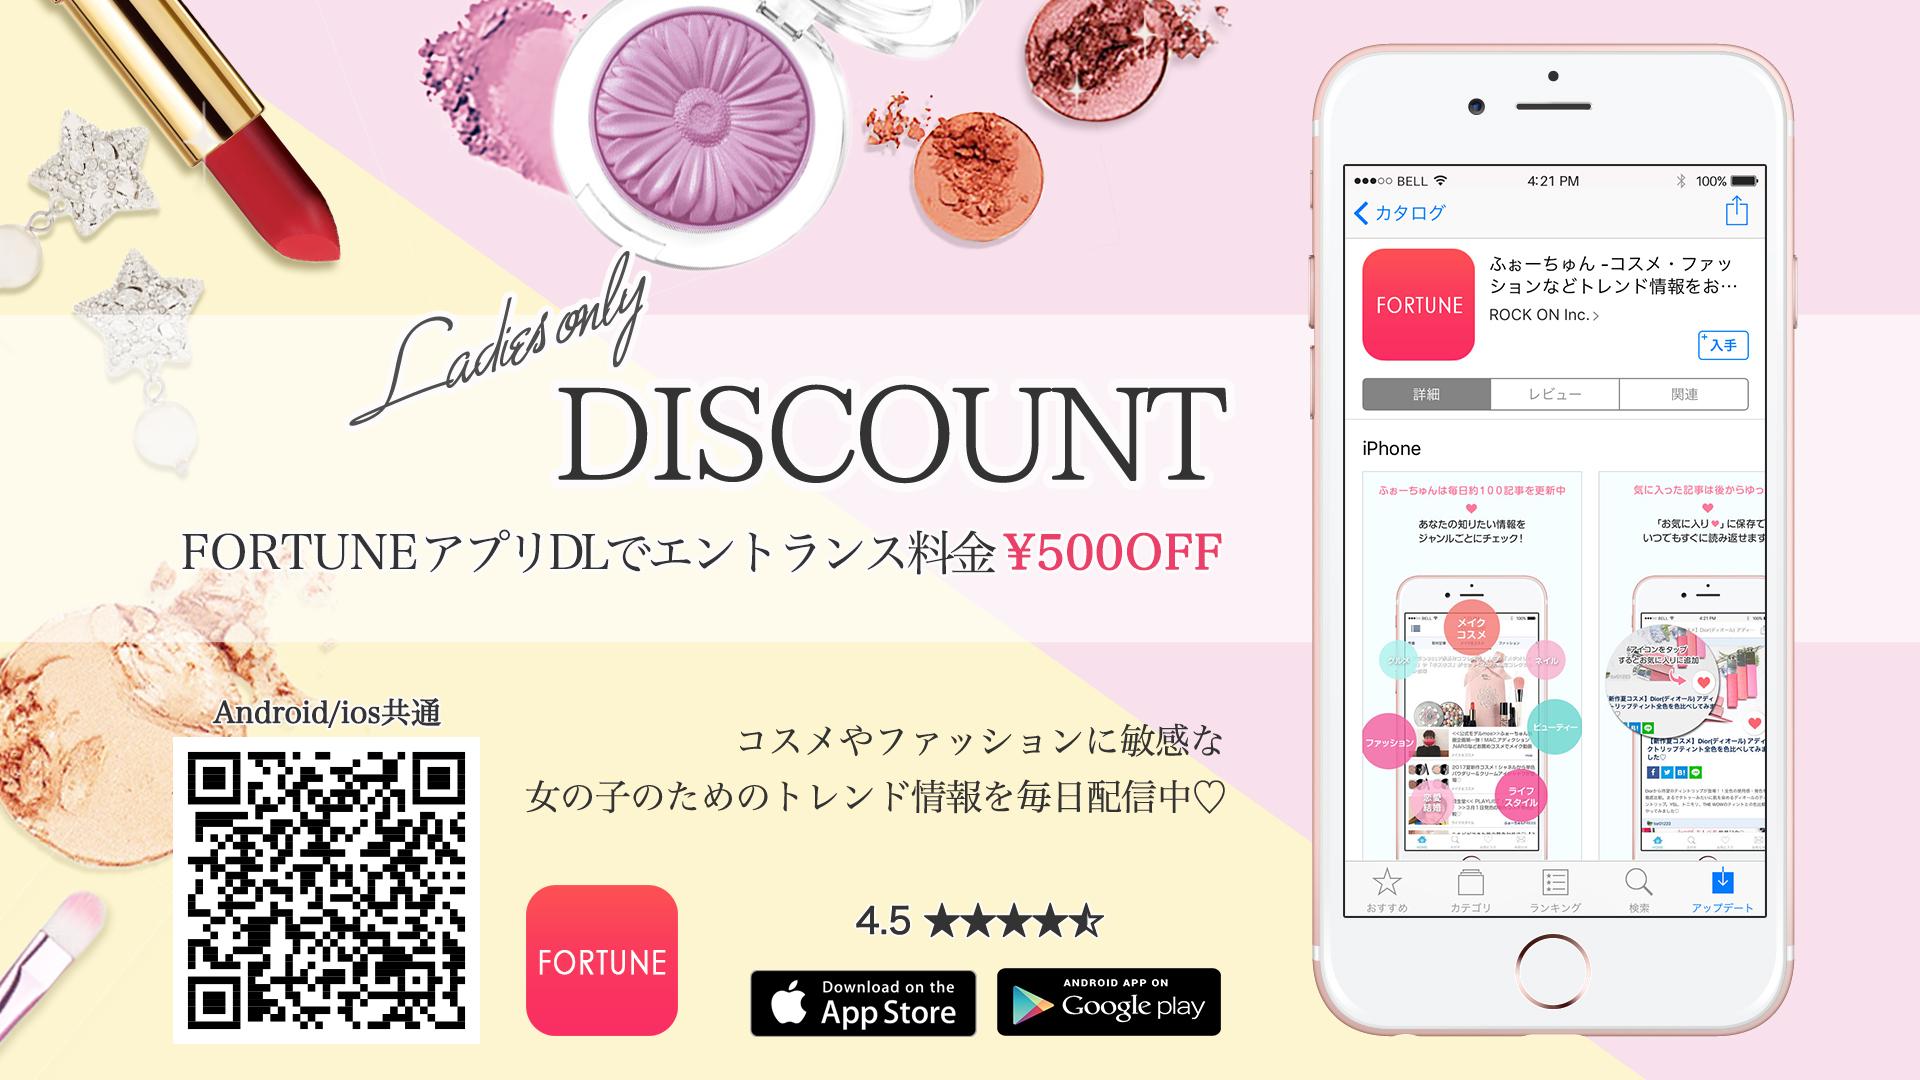 ふぉーちゅん - コスメアプリ -